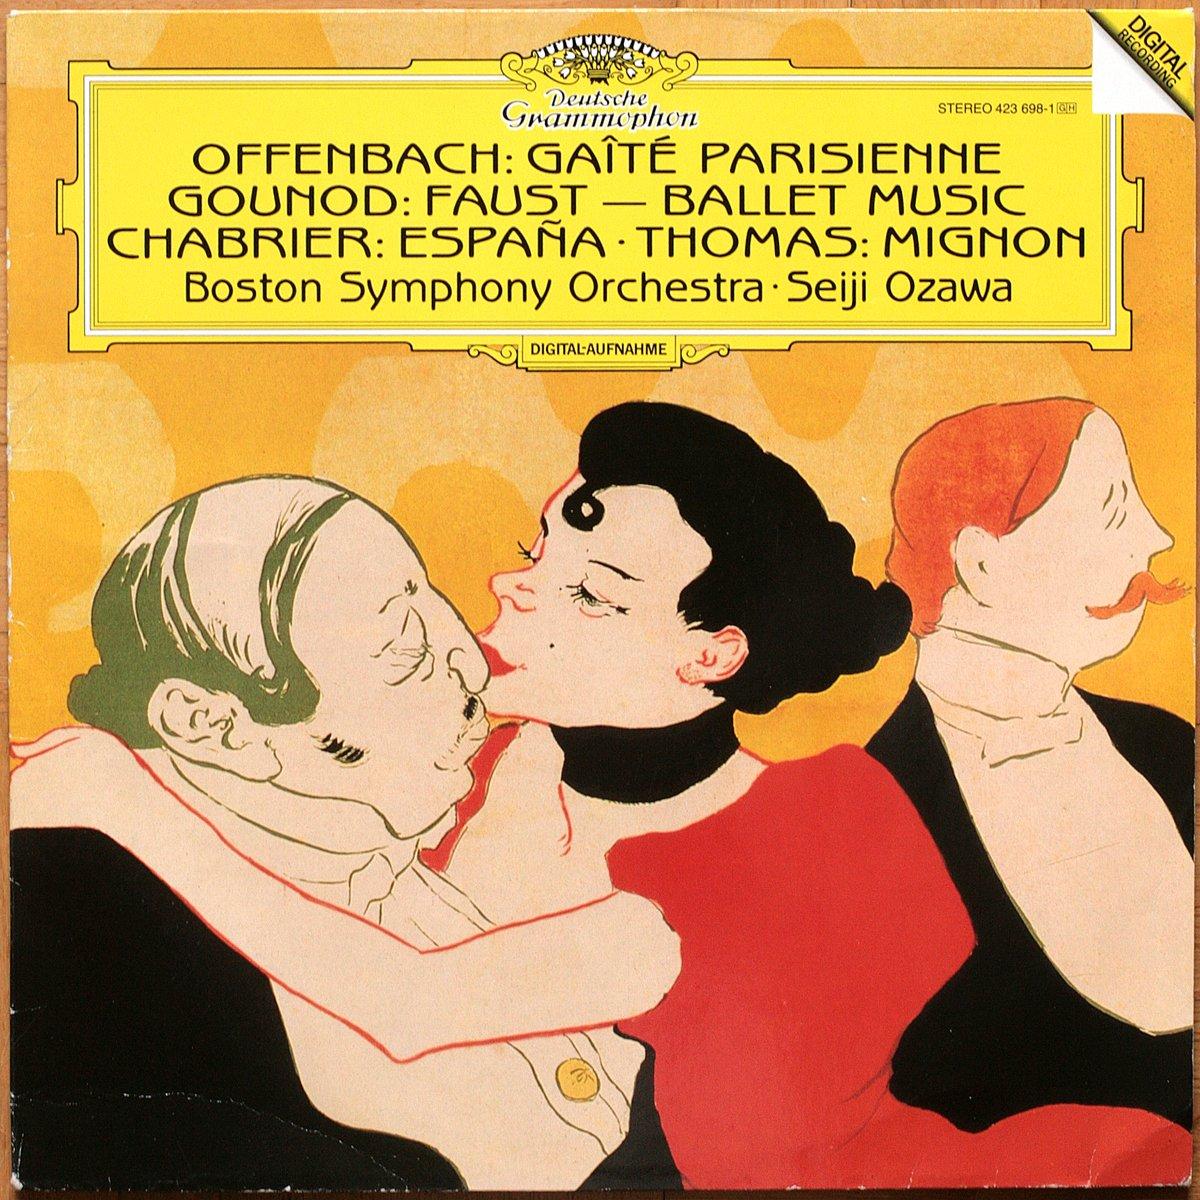 DGG 423 698 Offenbach Gaité Parisienne Gounod Faust Chabrier Espana Thomas MignonOzawa DGG Digital Aufnahme